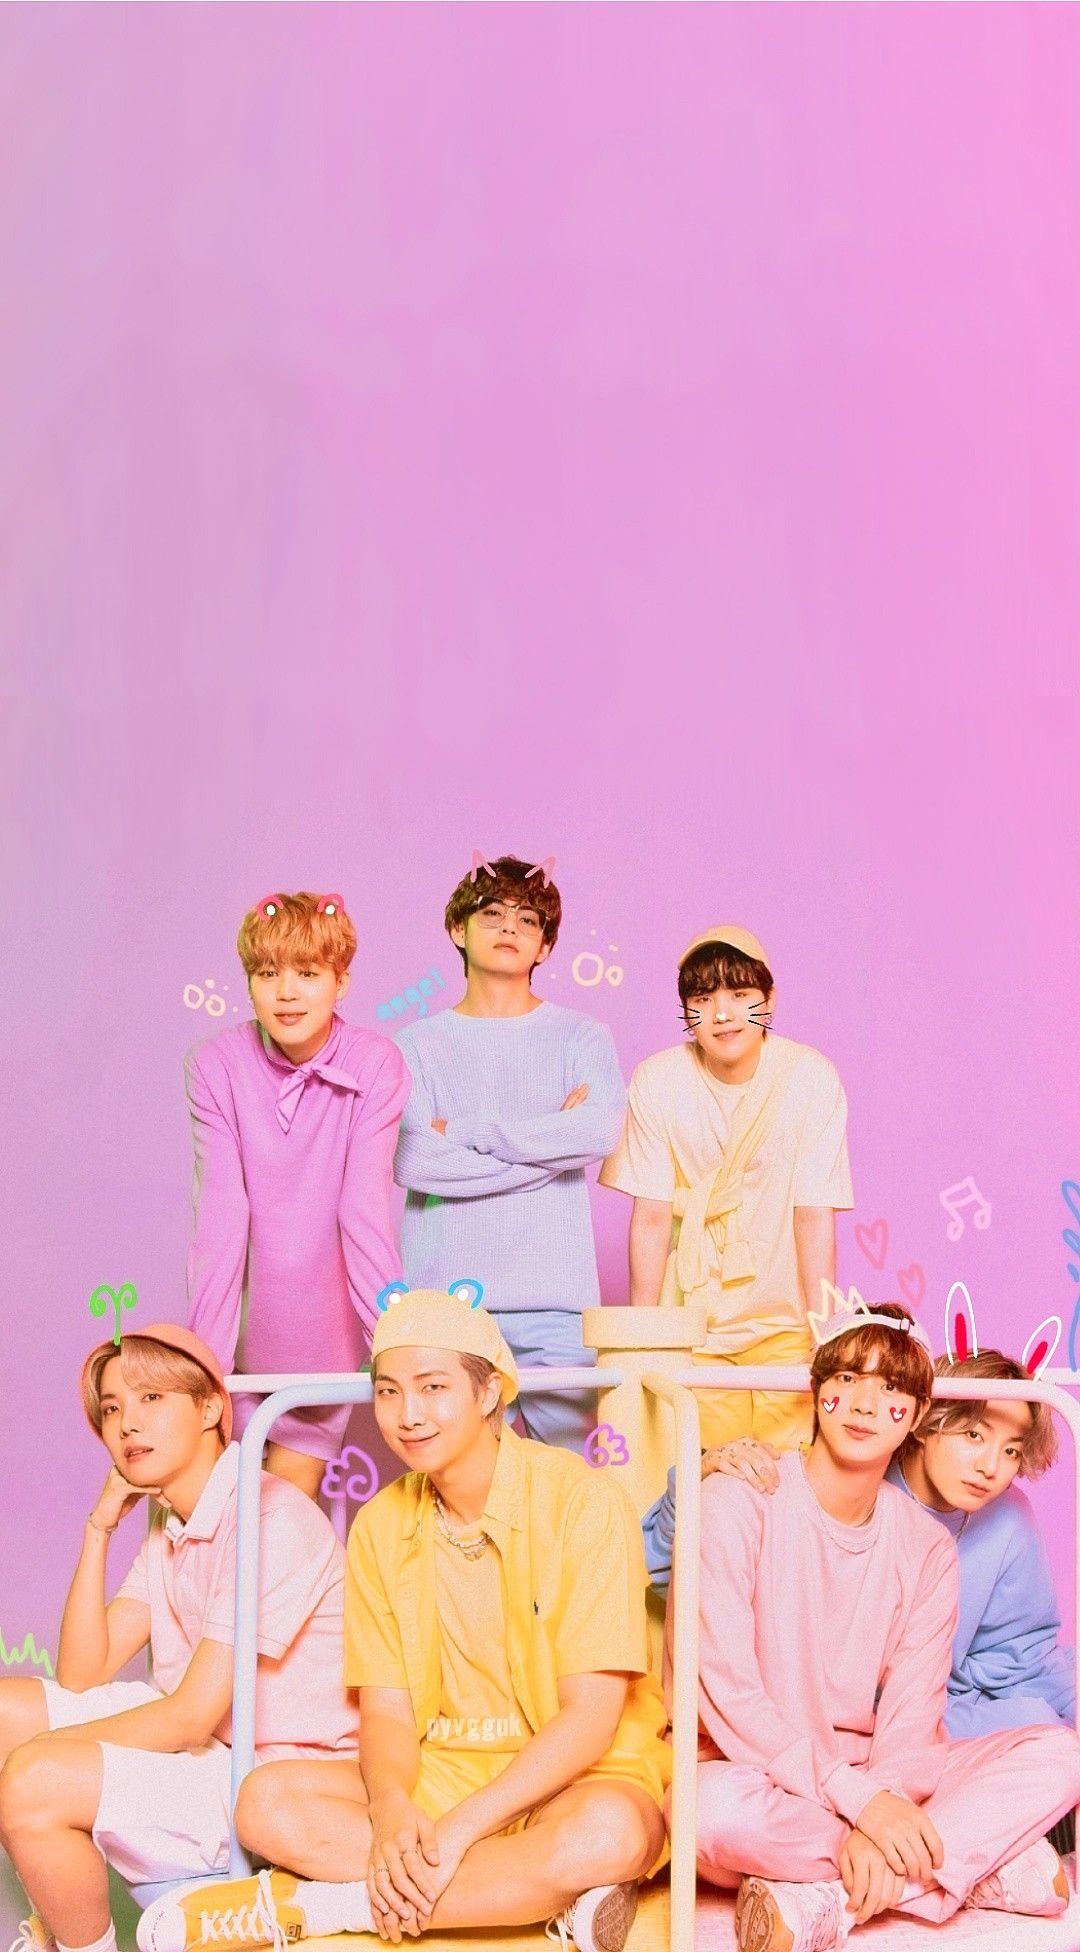 Bts Official On Twitter In 2021 Bts Wallpaper Foto Bts Bts Bts wallpaper 2021 pink